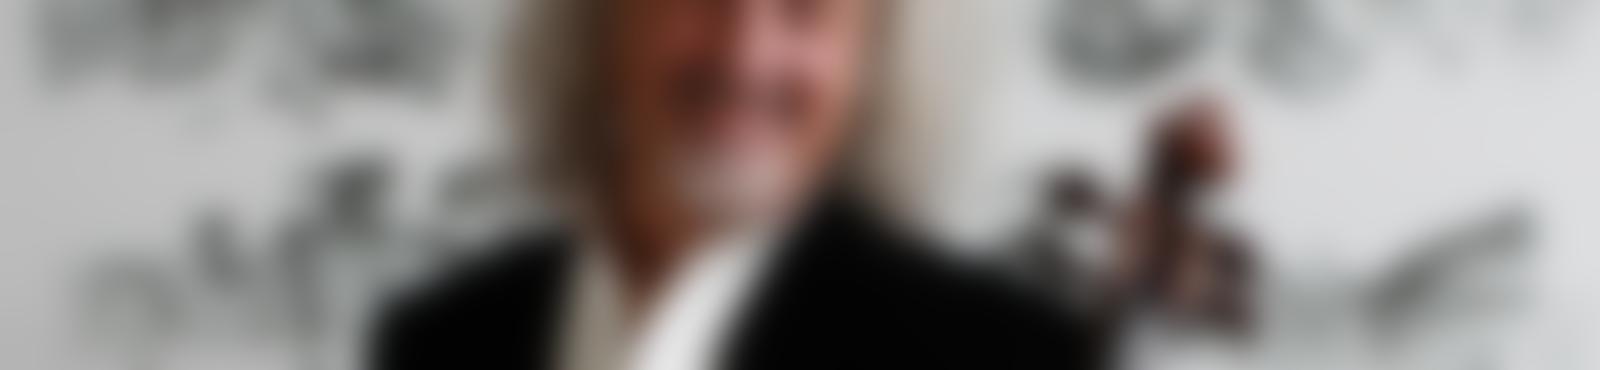 Blurred 604dc607 45a8 4e20 9932 42aa6e1ac00a